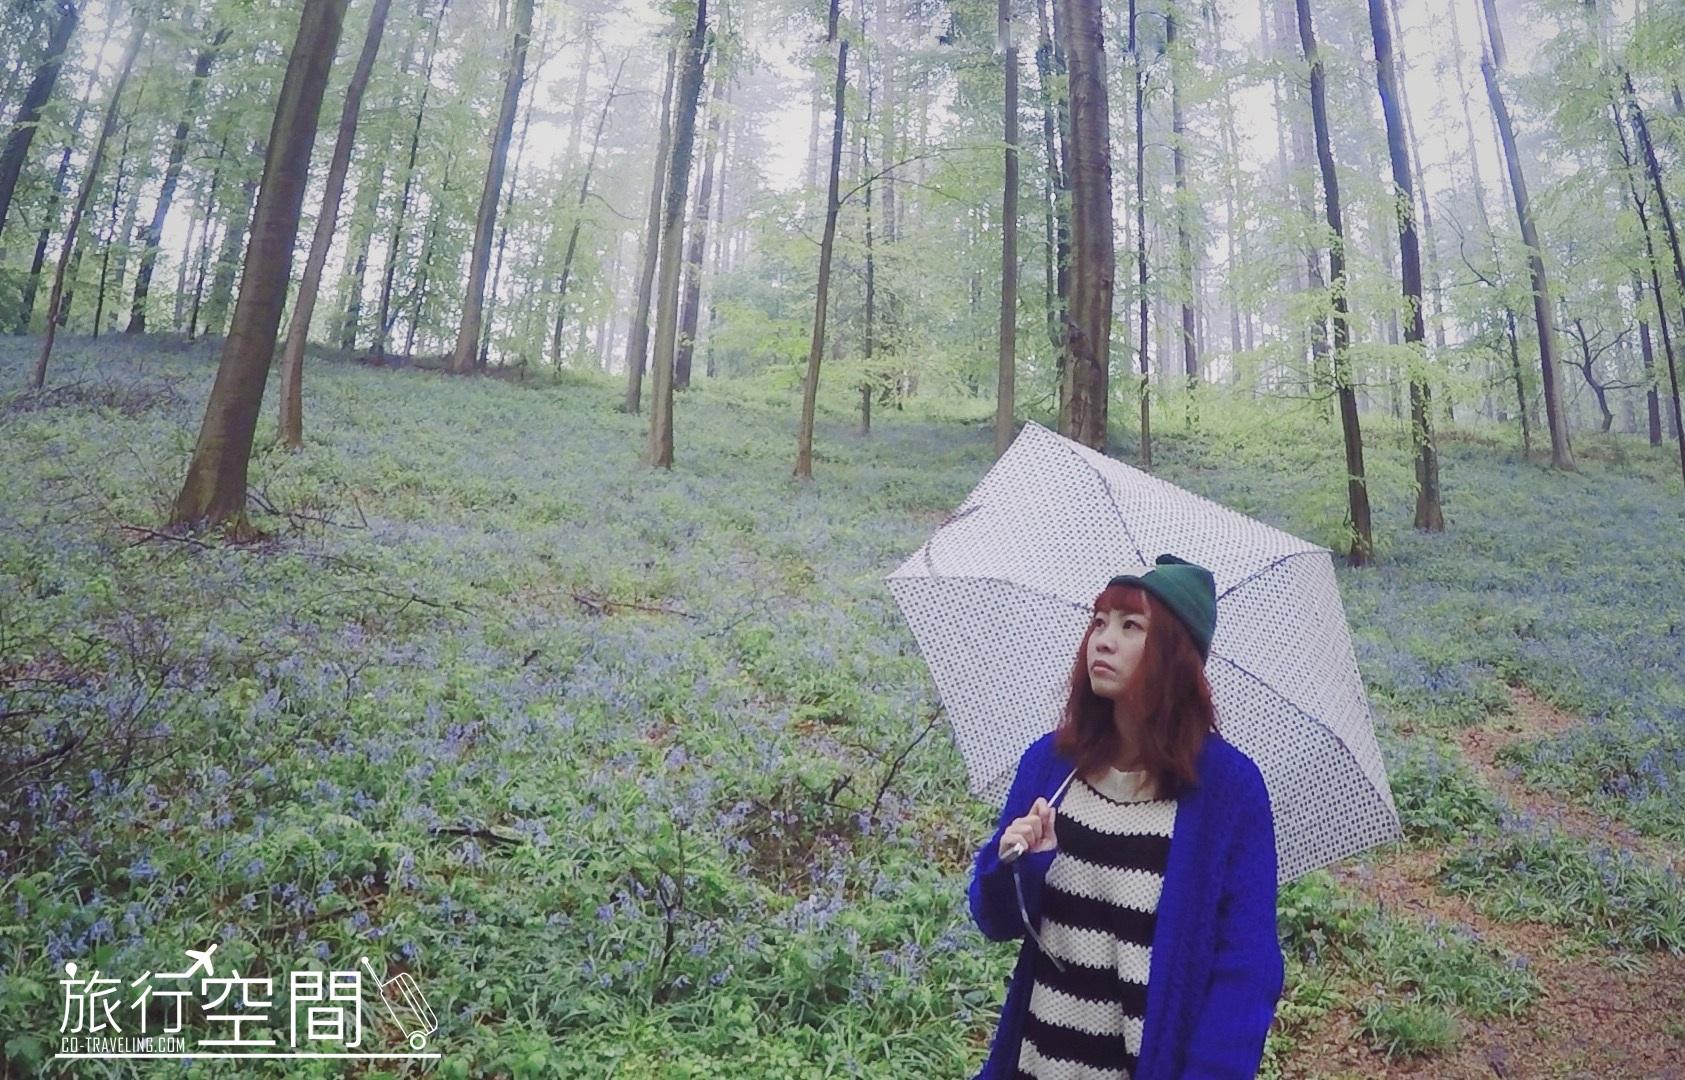 Hallerbos 紫色森林